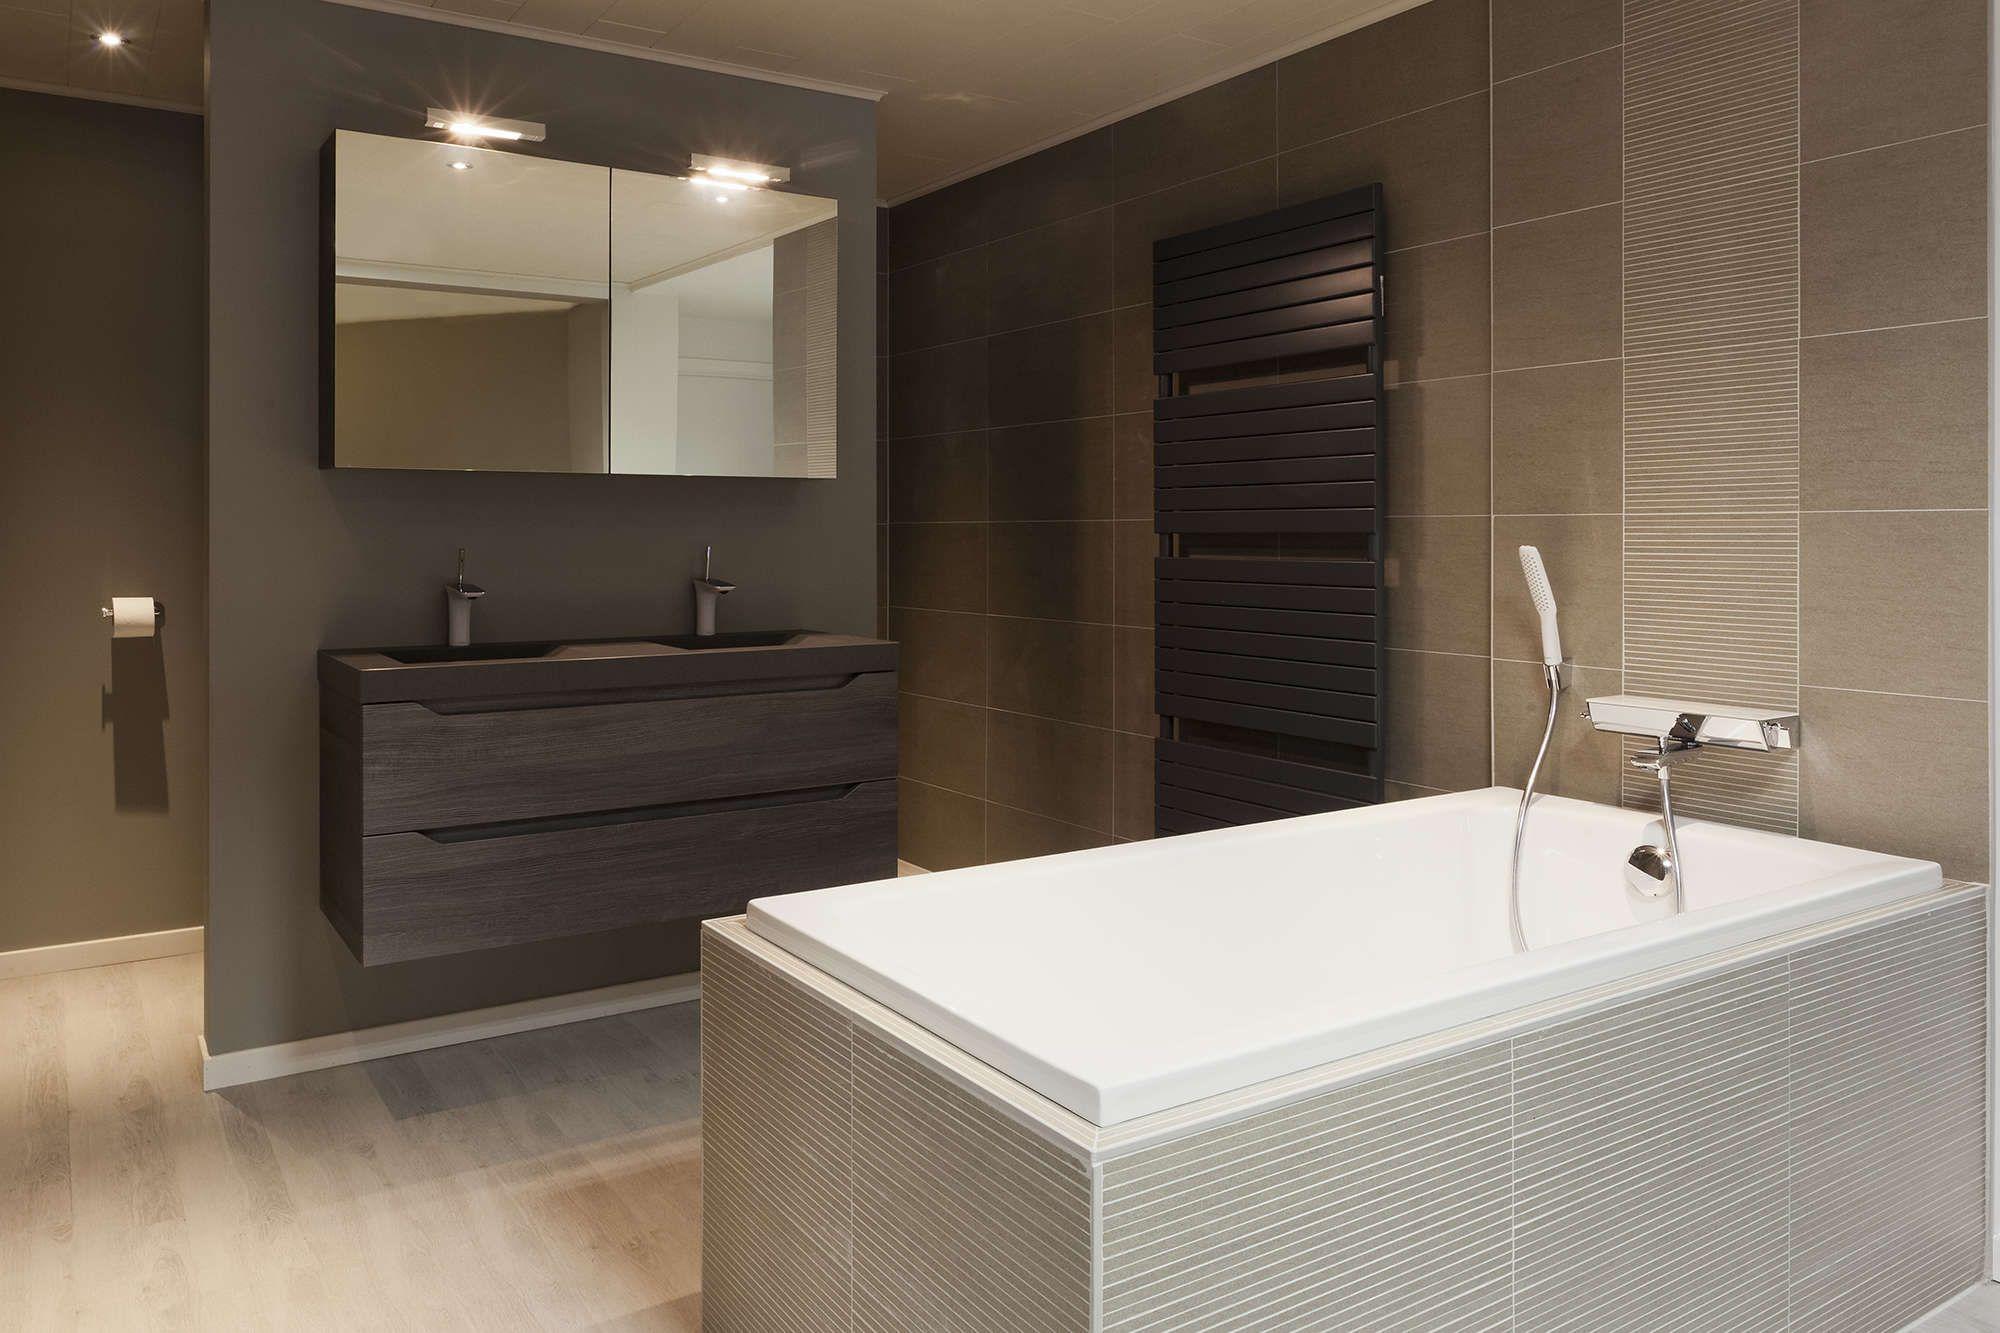 Badkamer Op Maat : Alkeba badkamer op maat kopen badkamers